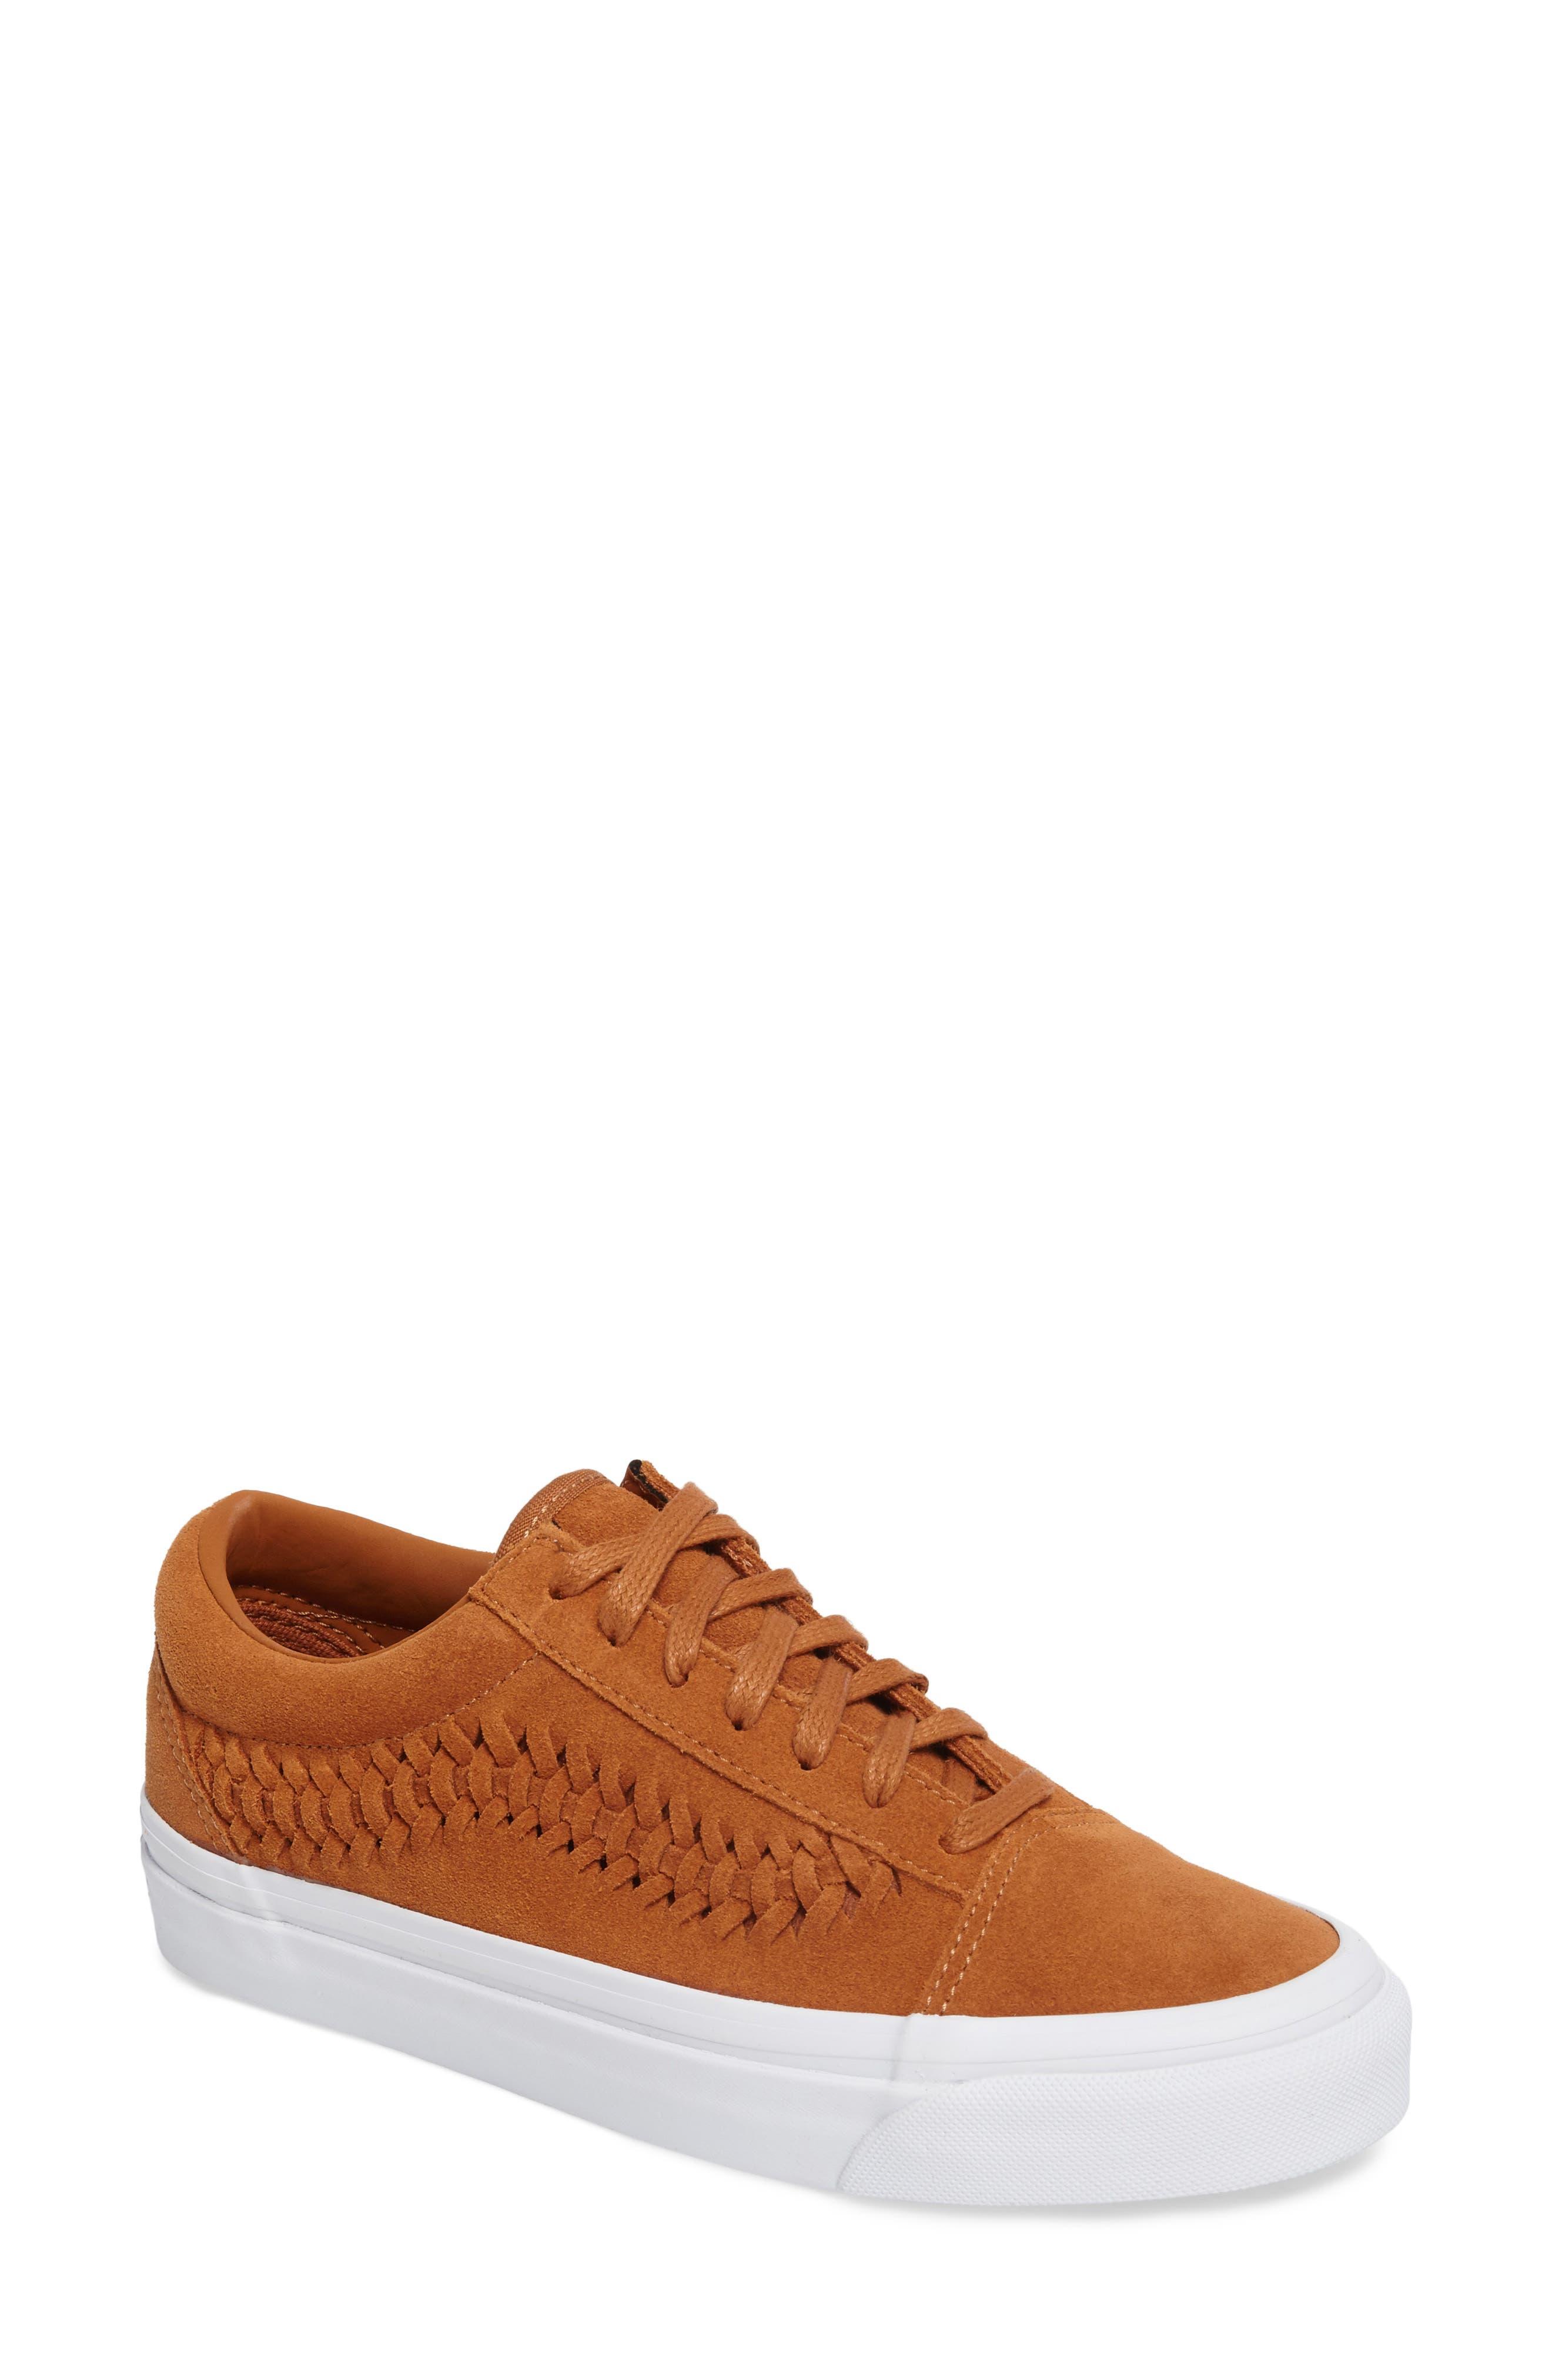 Vans Old Skool Weave DX Sneaker (Women)